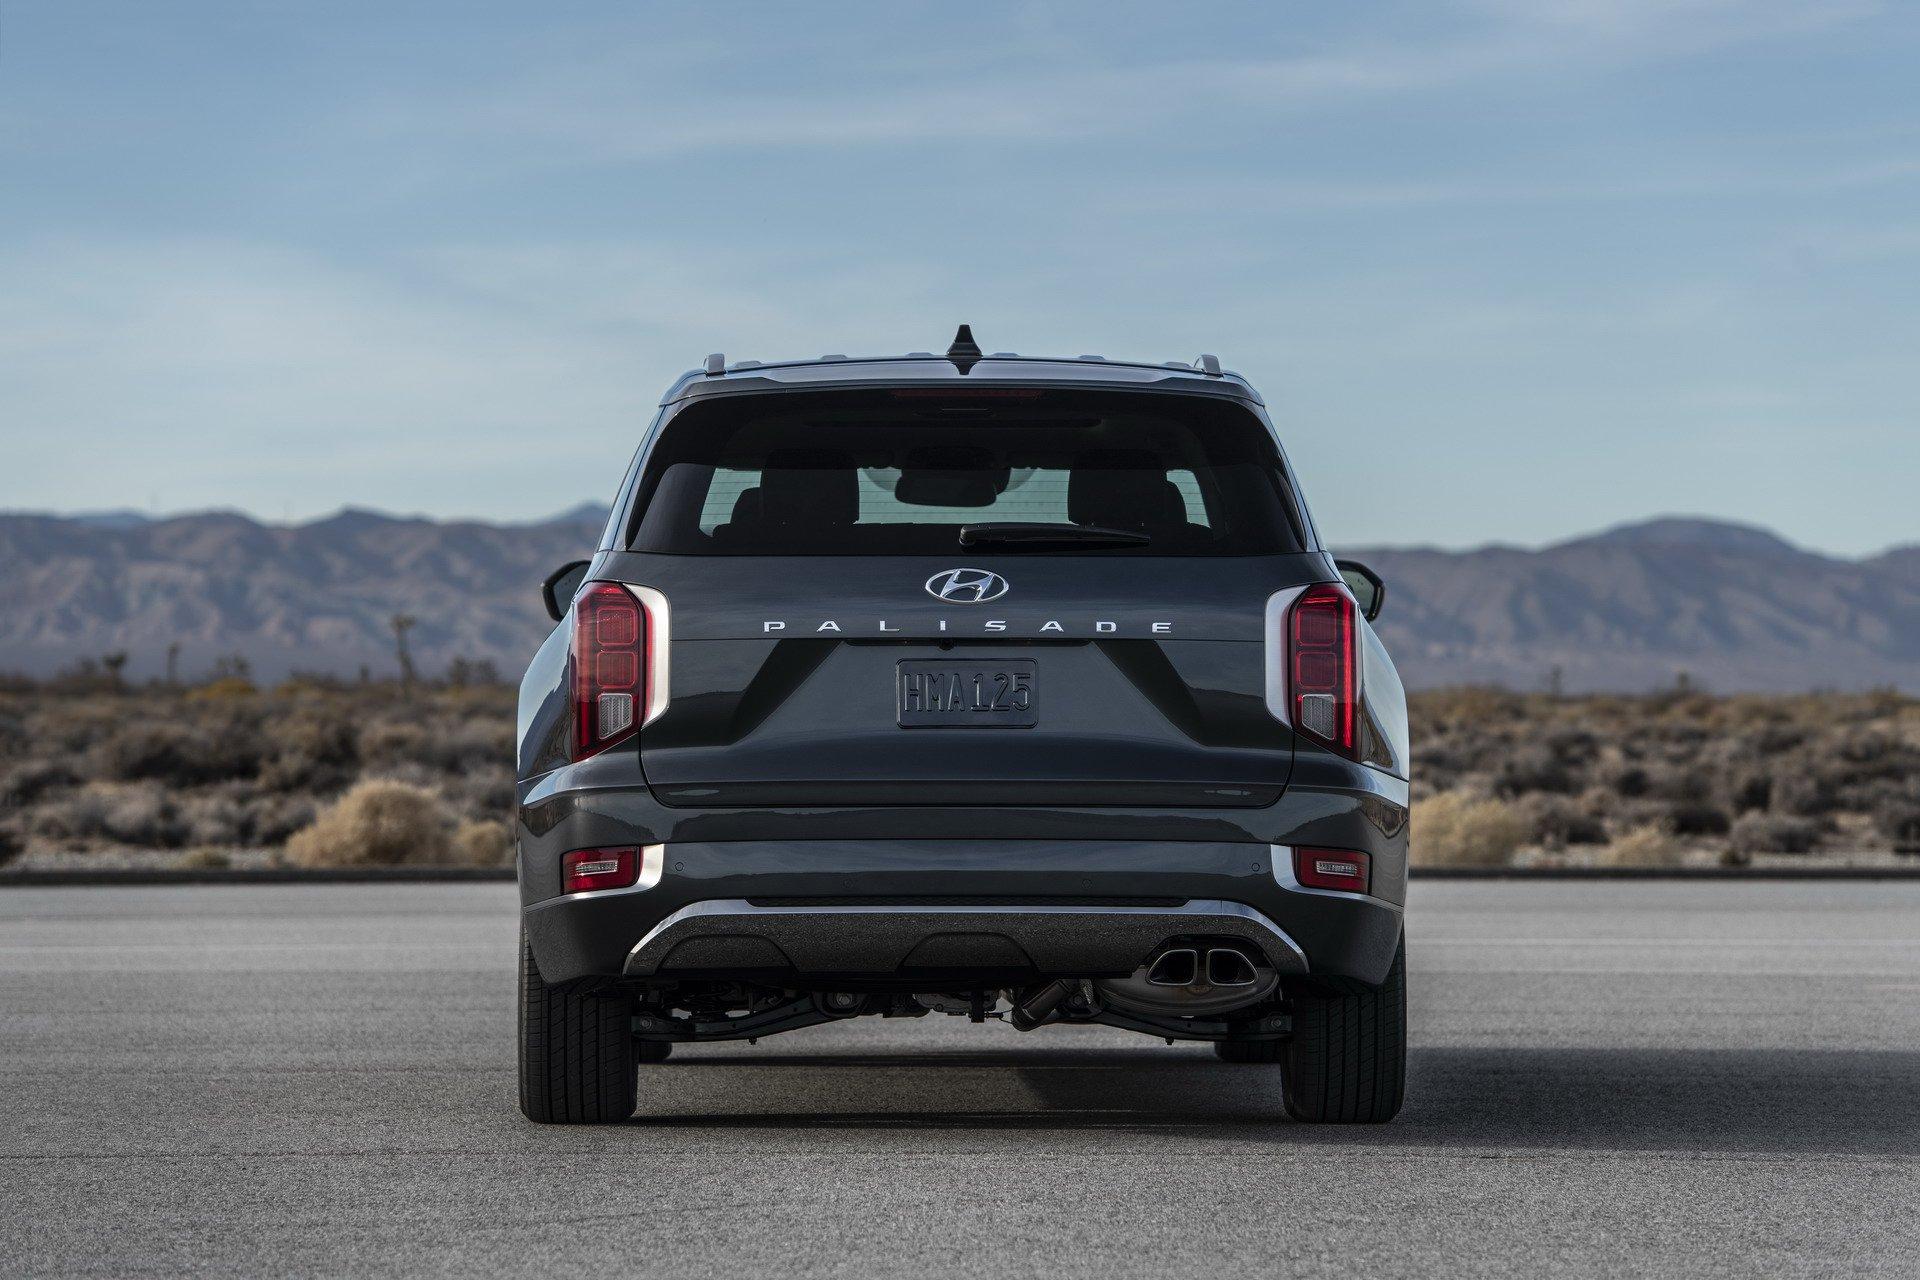 Hyundai-Palisade 2019 (5)